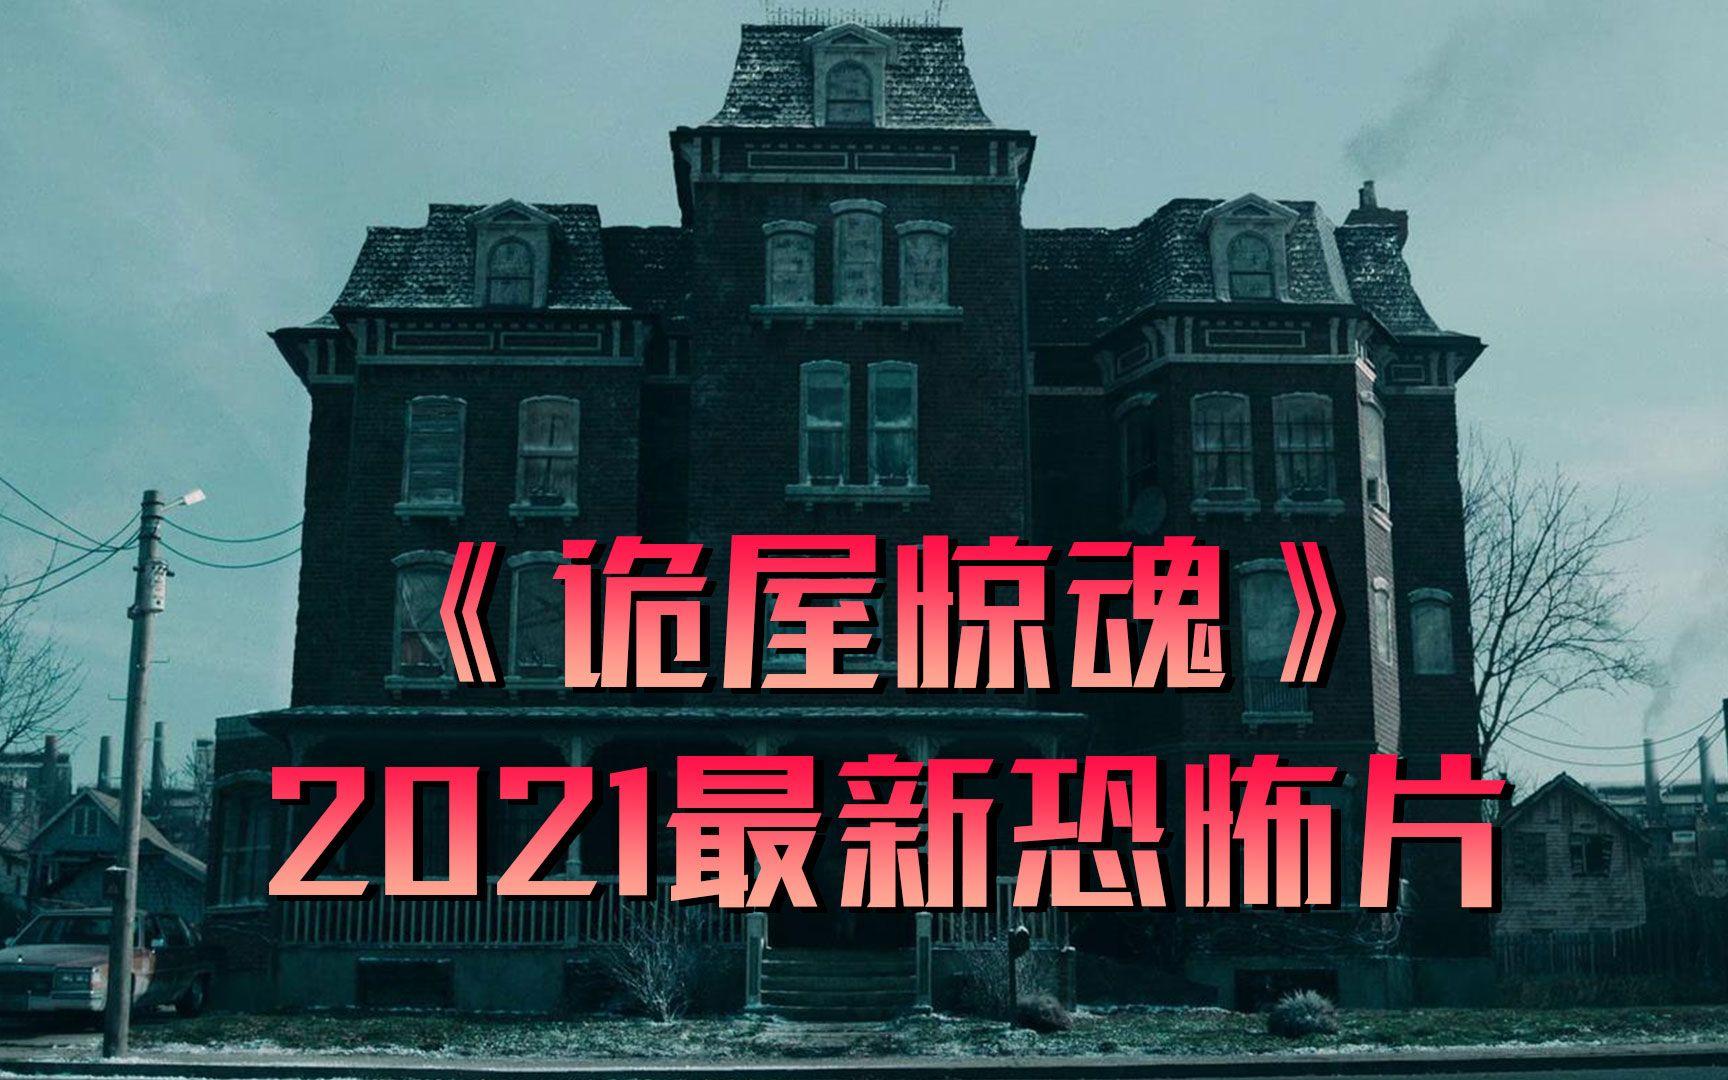 """这栋公寓只限""""单身女士""""入住!2021最新恐怖片《诡屋惊魂》"""